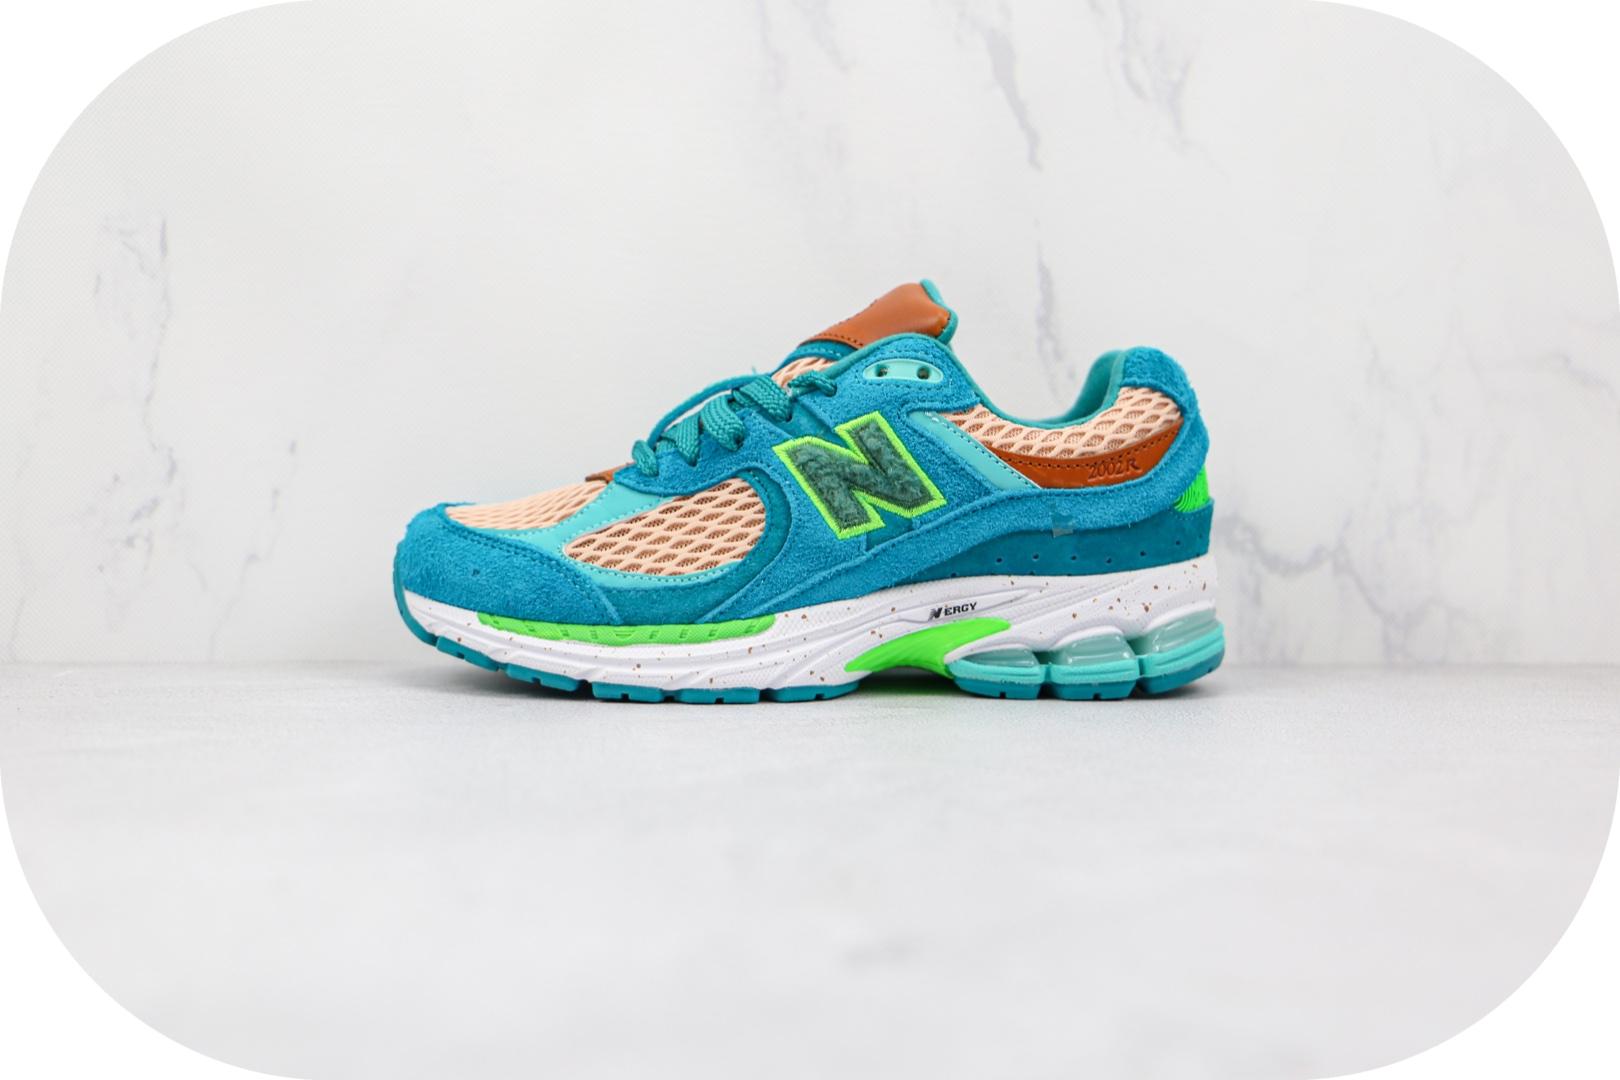 新百伦New balance 2002R纯原版本湖绿色复古NB2002R慢跑鞋原档案数据开发 货号:ML2002RJ